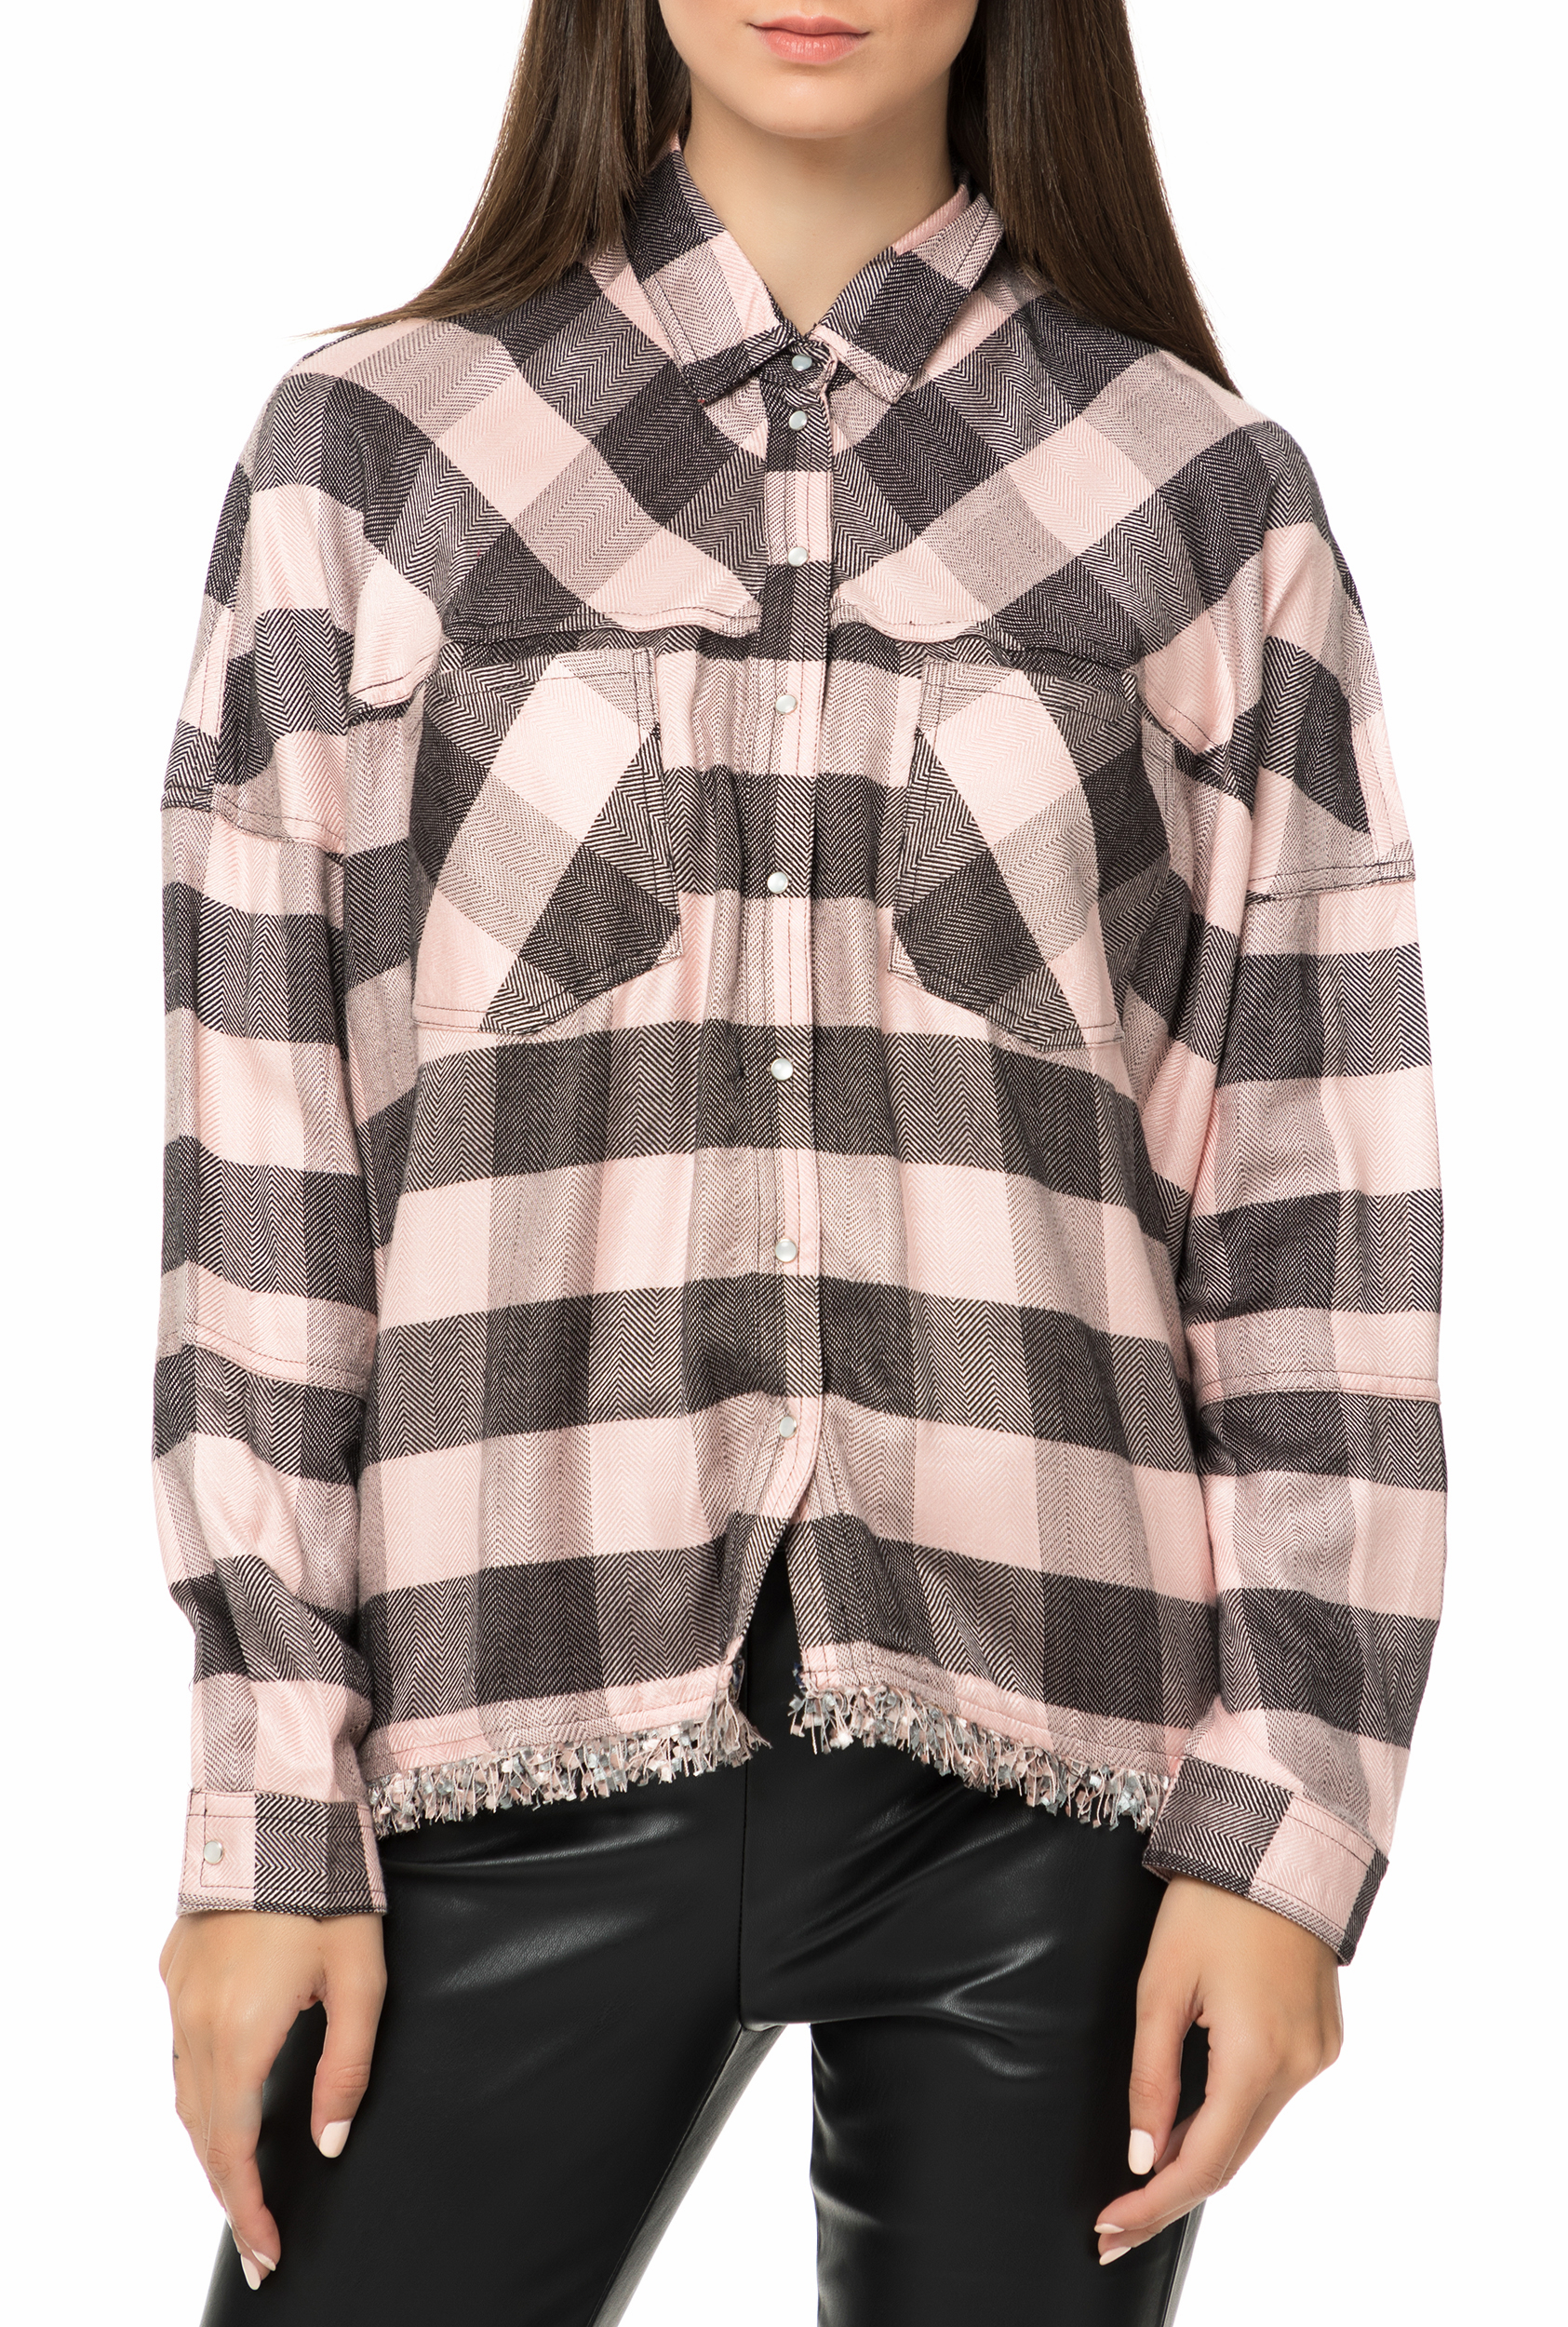 5956420fa8 GUESS - Γυναικείο μακρυμάνικο καρό πουκάμισο GUESS CLOTHILDE ροζ-μαύρο